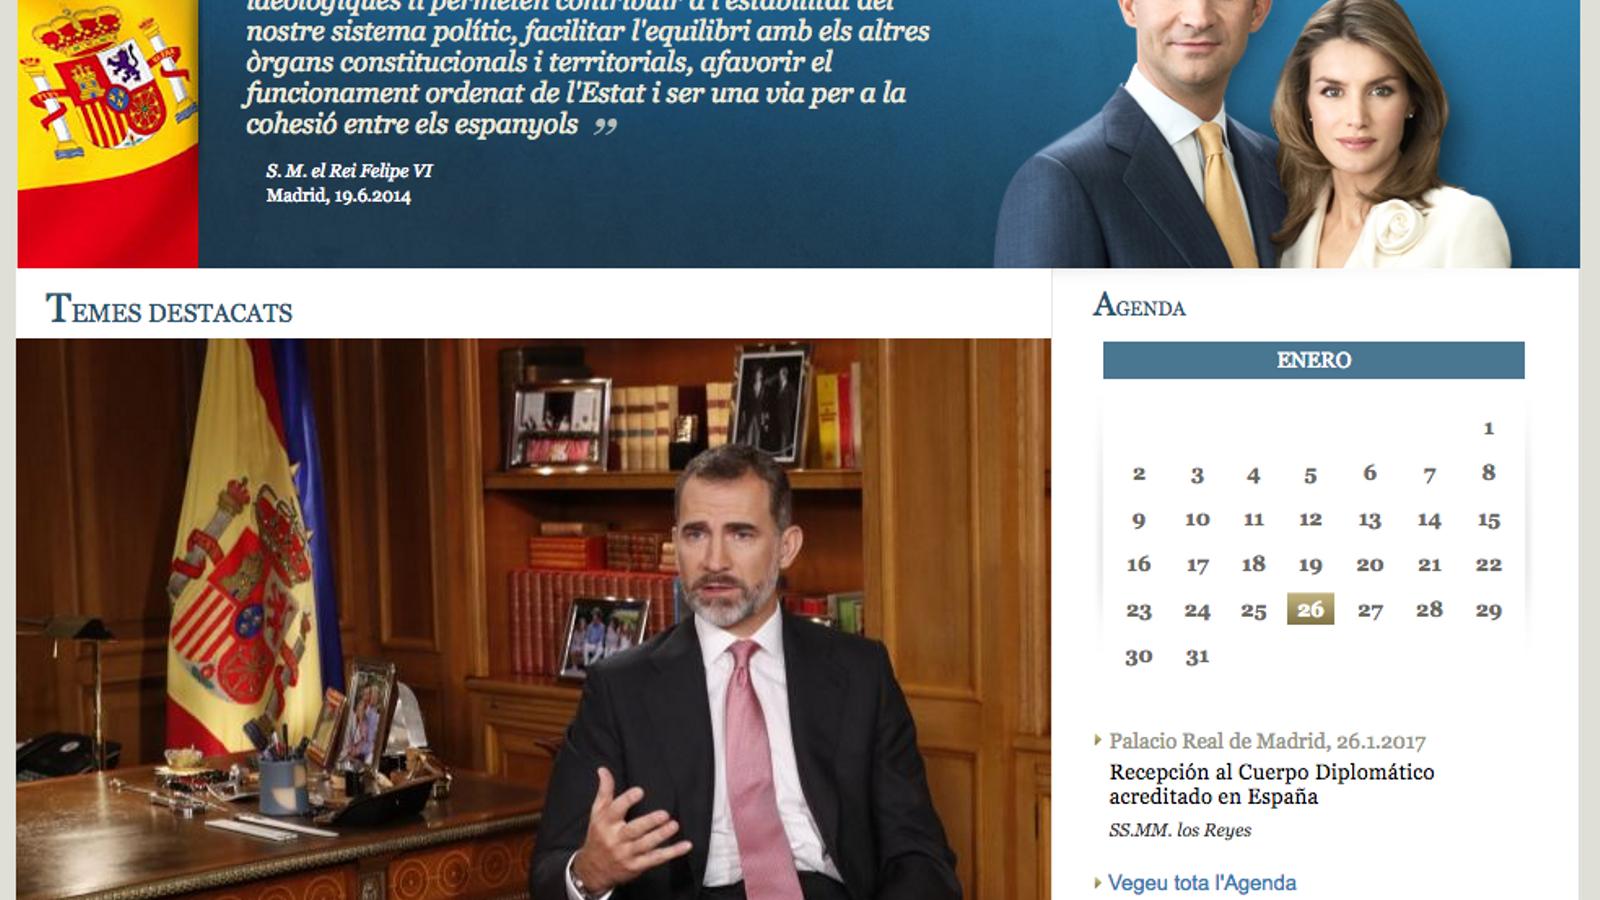 La versió en català de la pàgina de la Casa Reial, amb els últims continguts publicats en castellà